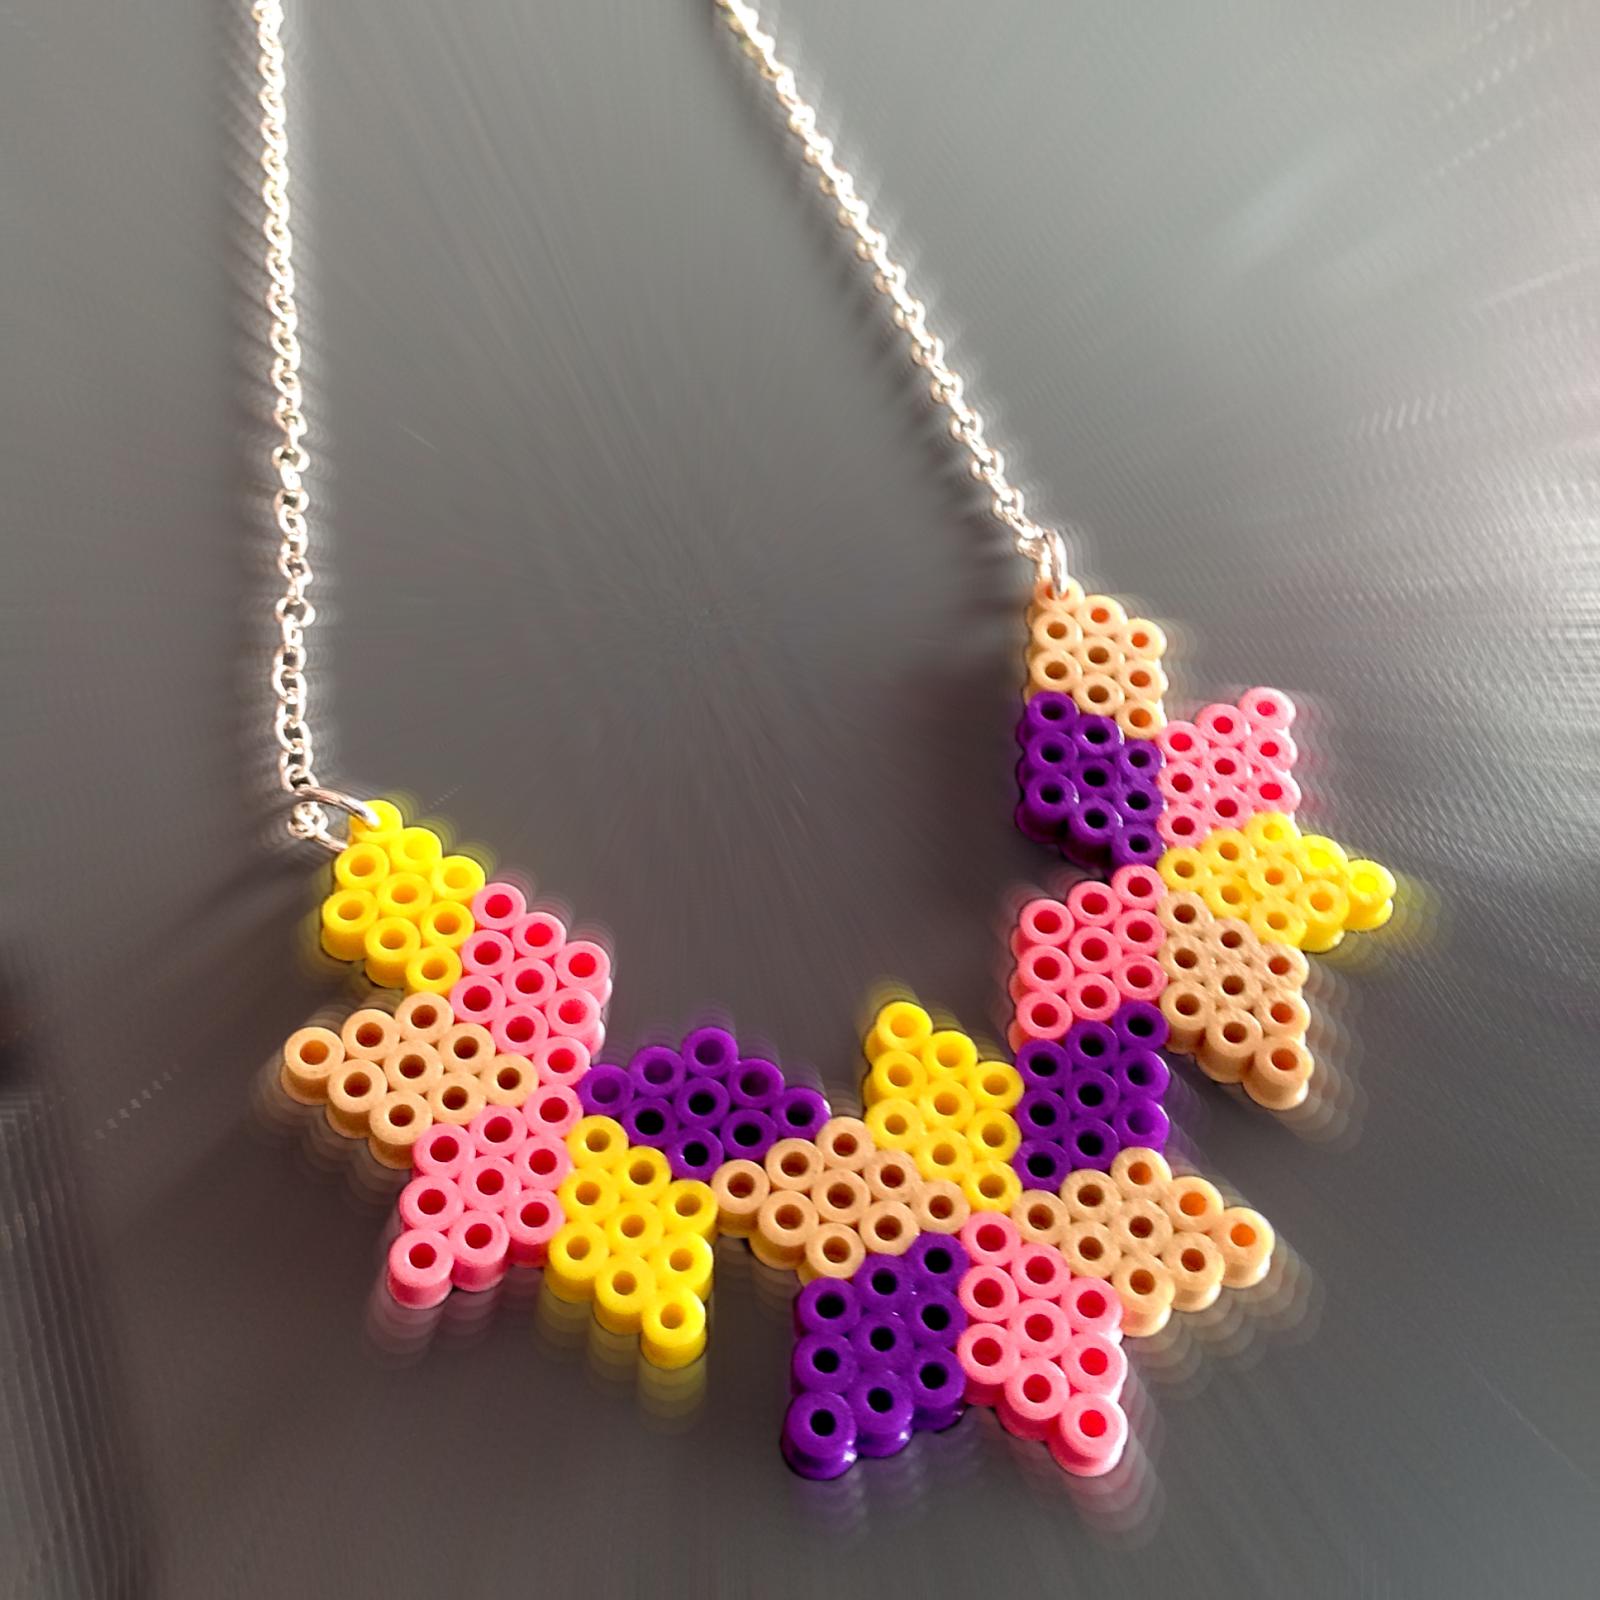 /home/sacripanuv/modeles hama.com/wp content/uploads/2016/08/160812 bijoux perles hama collier beads